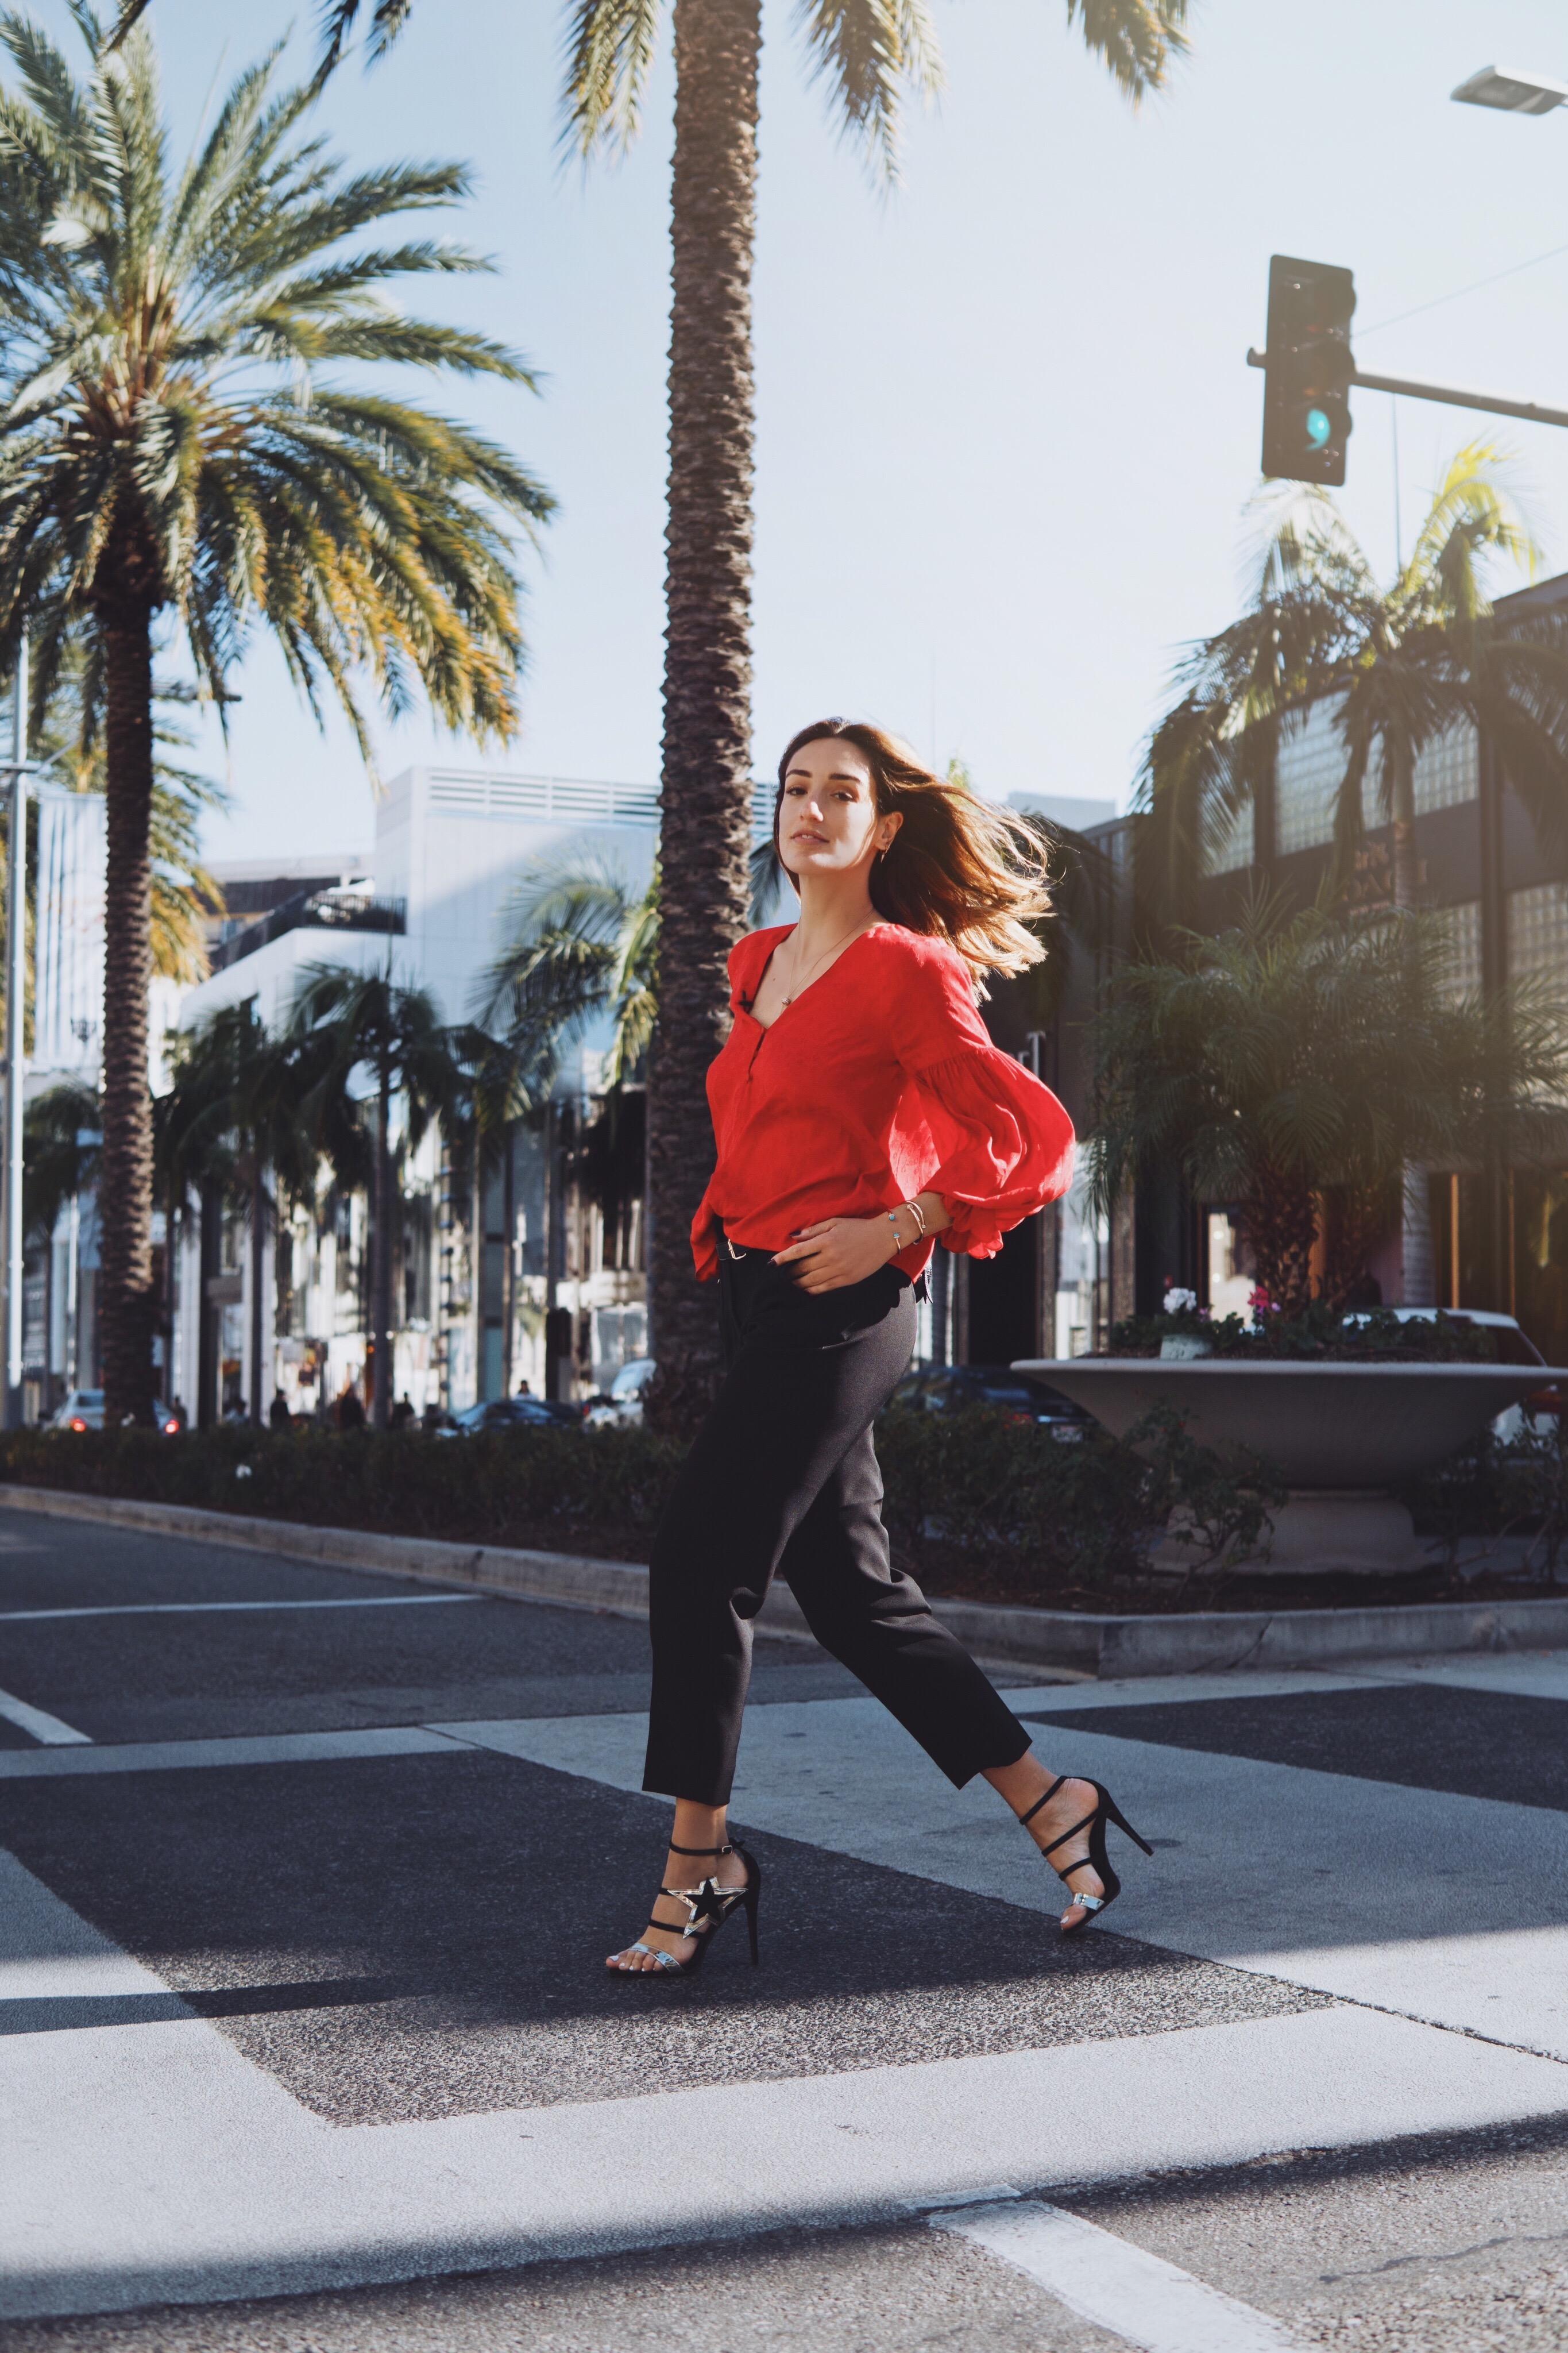 Kenza-Los Angeles-2018-297